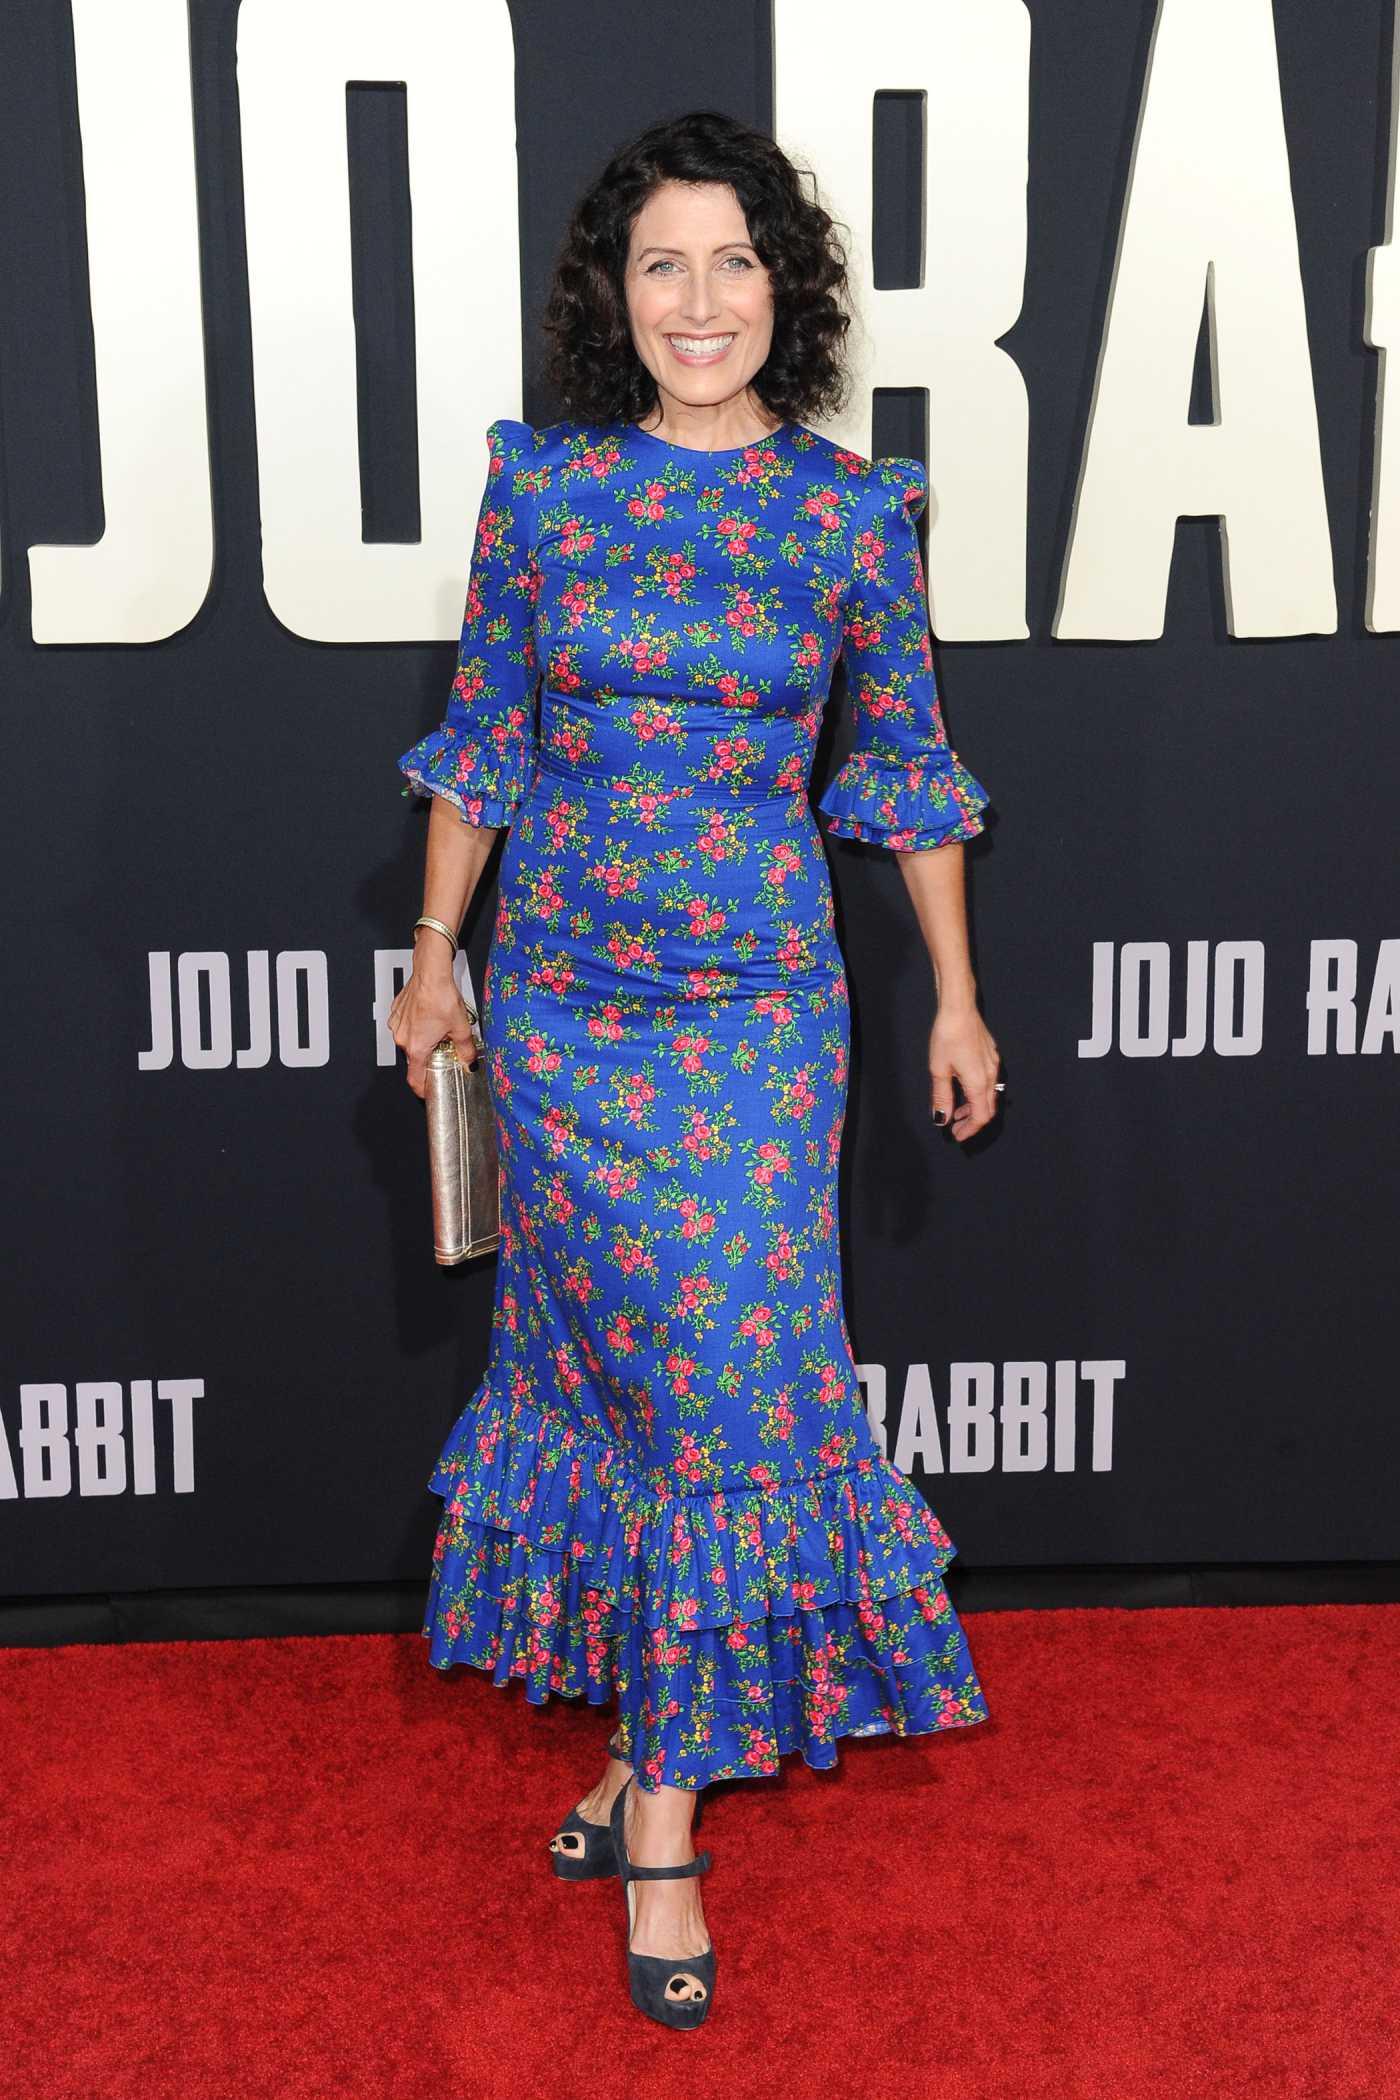 Lisa Edelstein Attends Jojo Rabbit Premiere in Los Angeles 10/15/2019